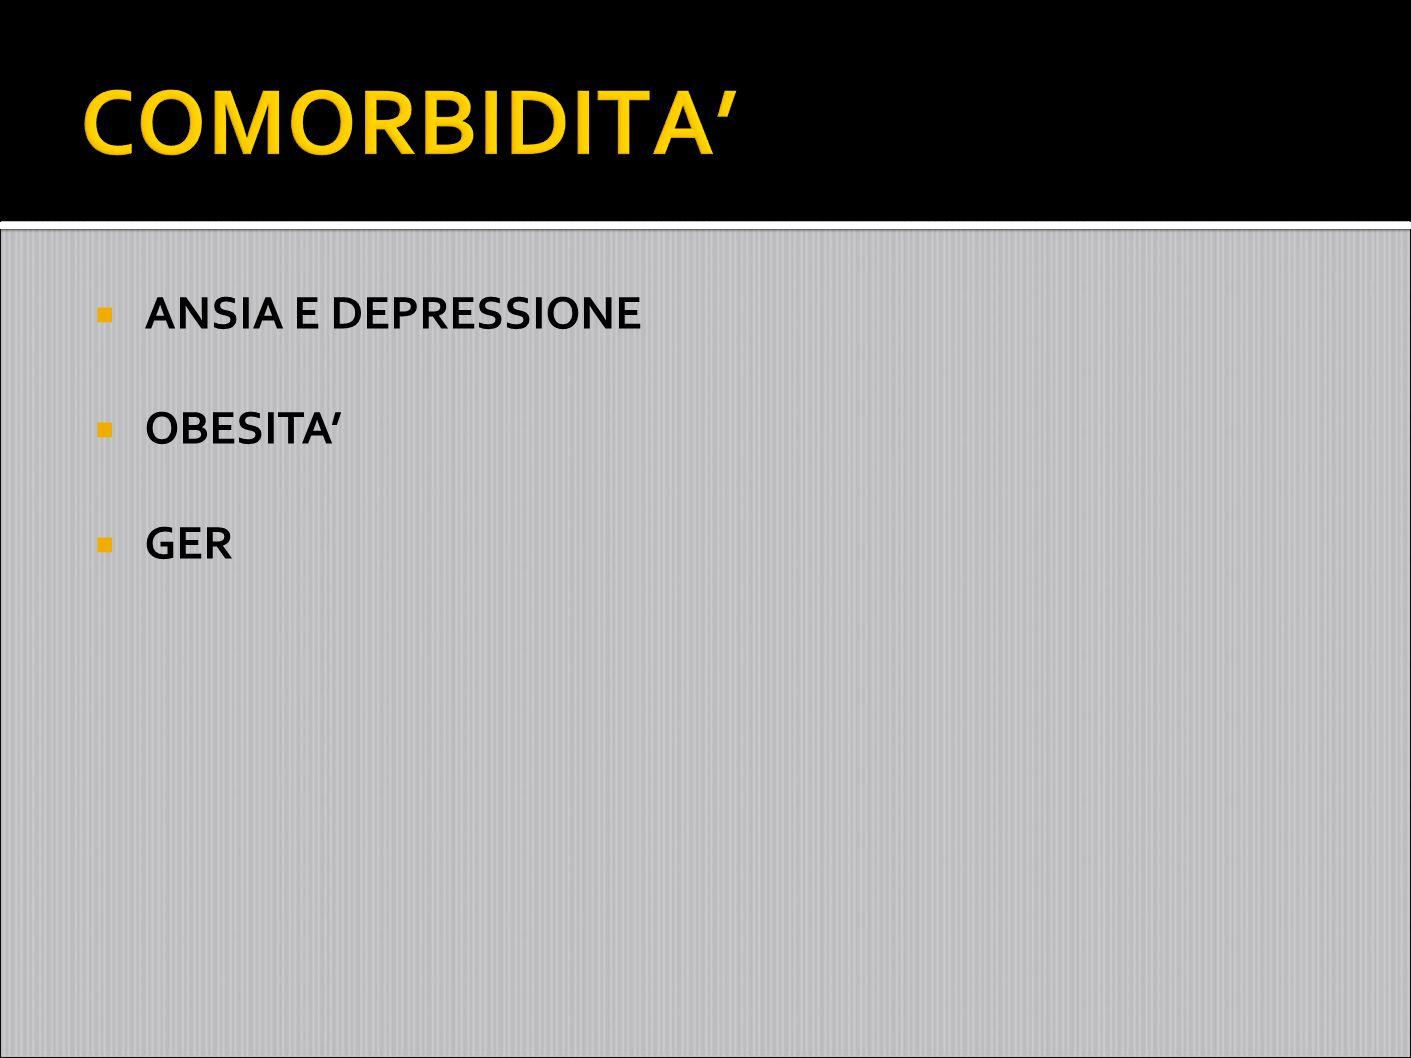 COMORBIDITA' ANSIA E DEPRESSIONE OBESITA' GER